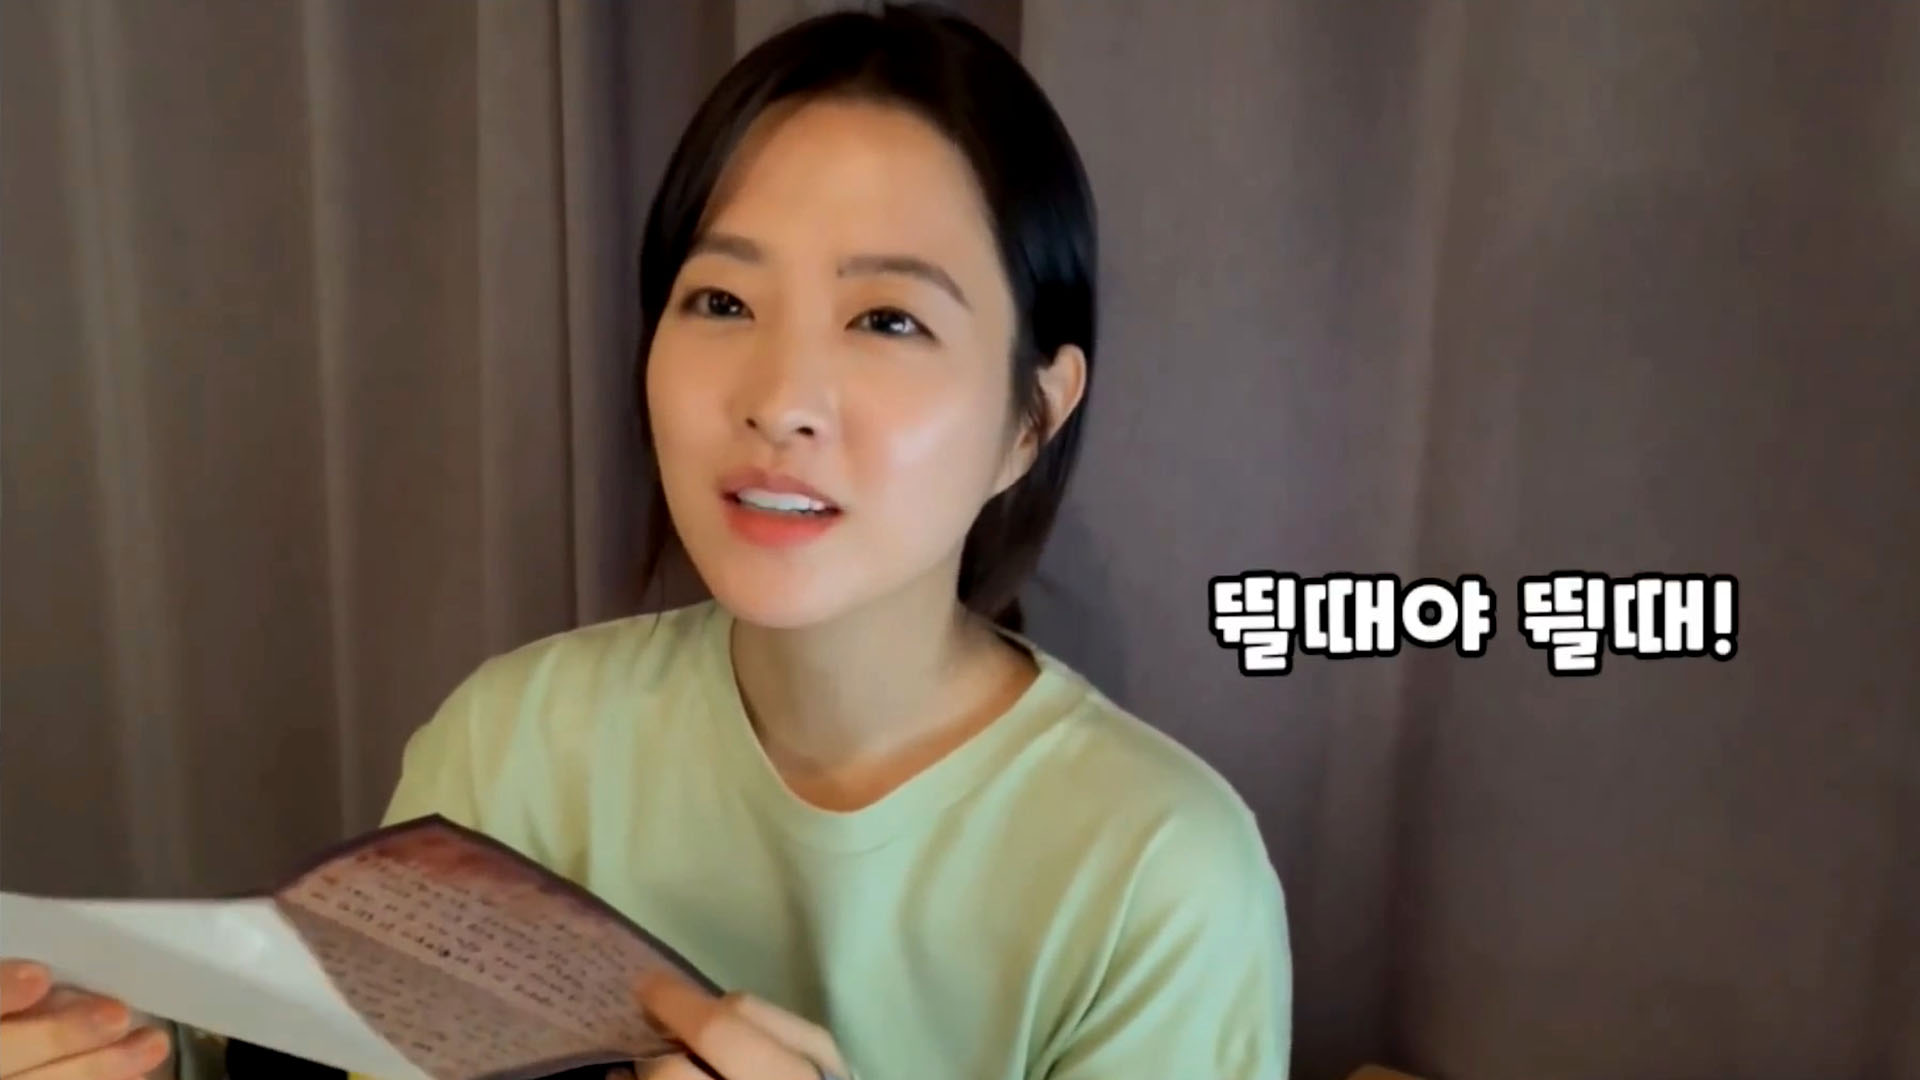 [SNS핫피플] 인성 돋보인 박보영의 층간소음 대처법 화제 外